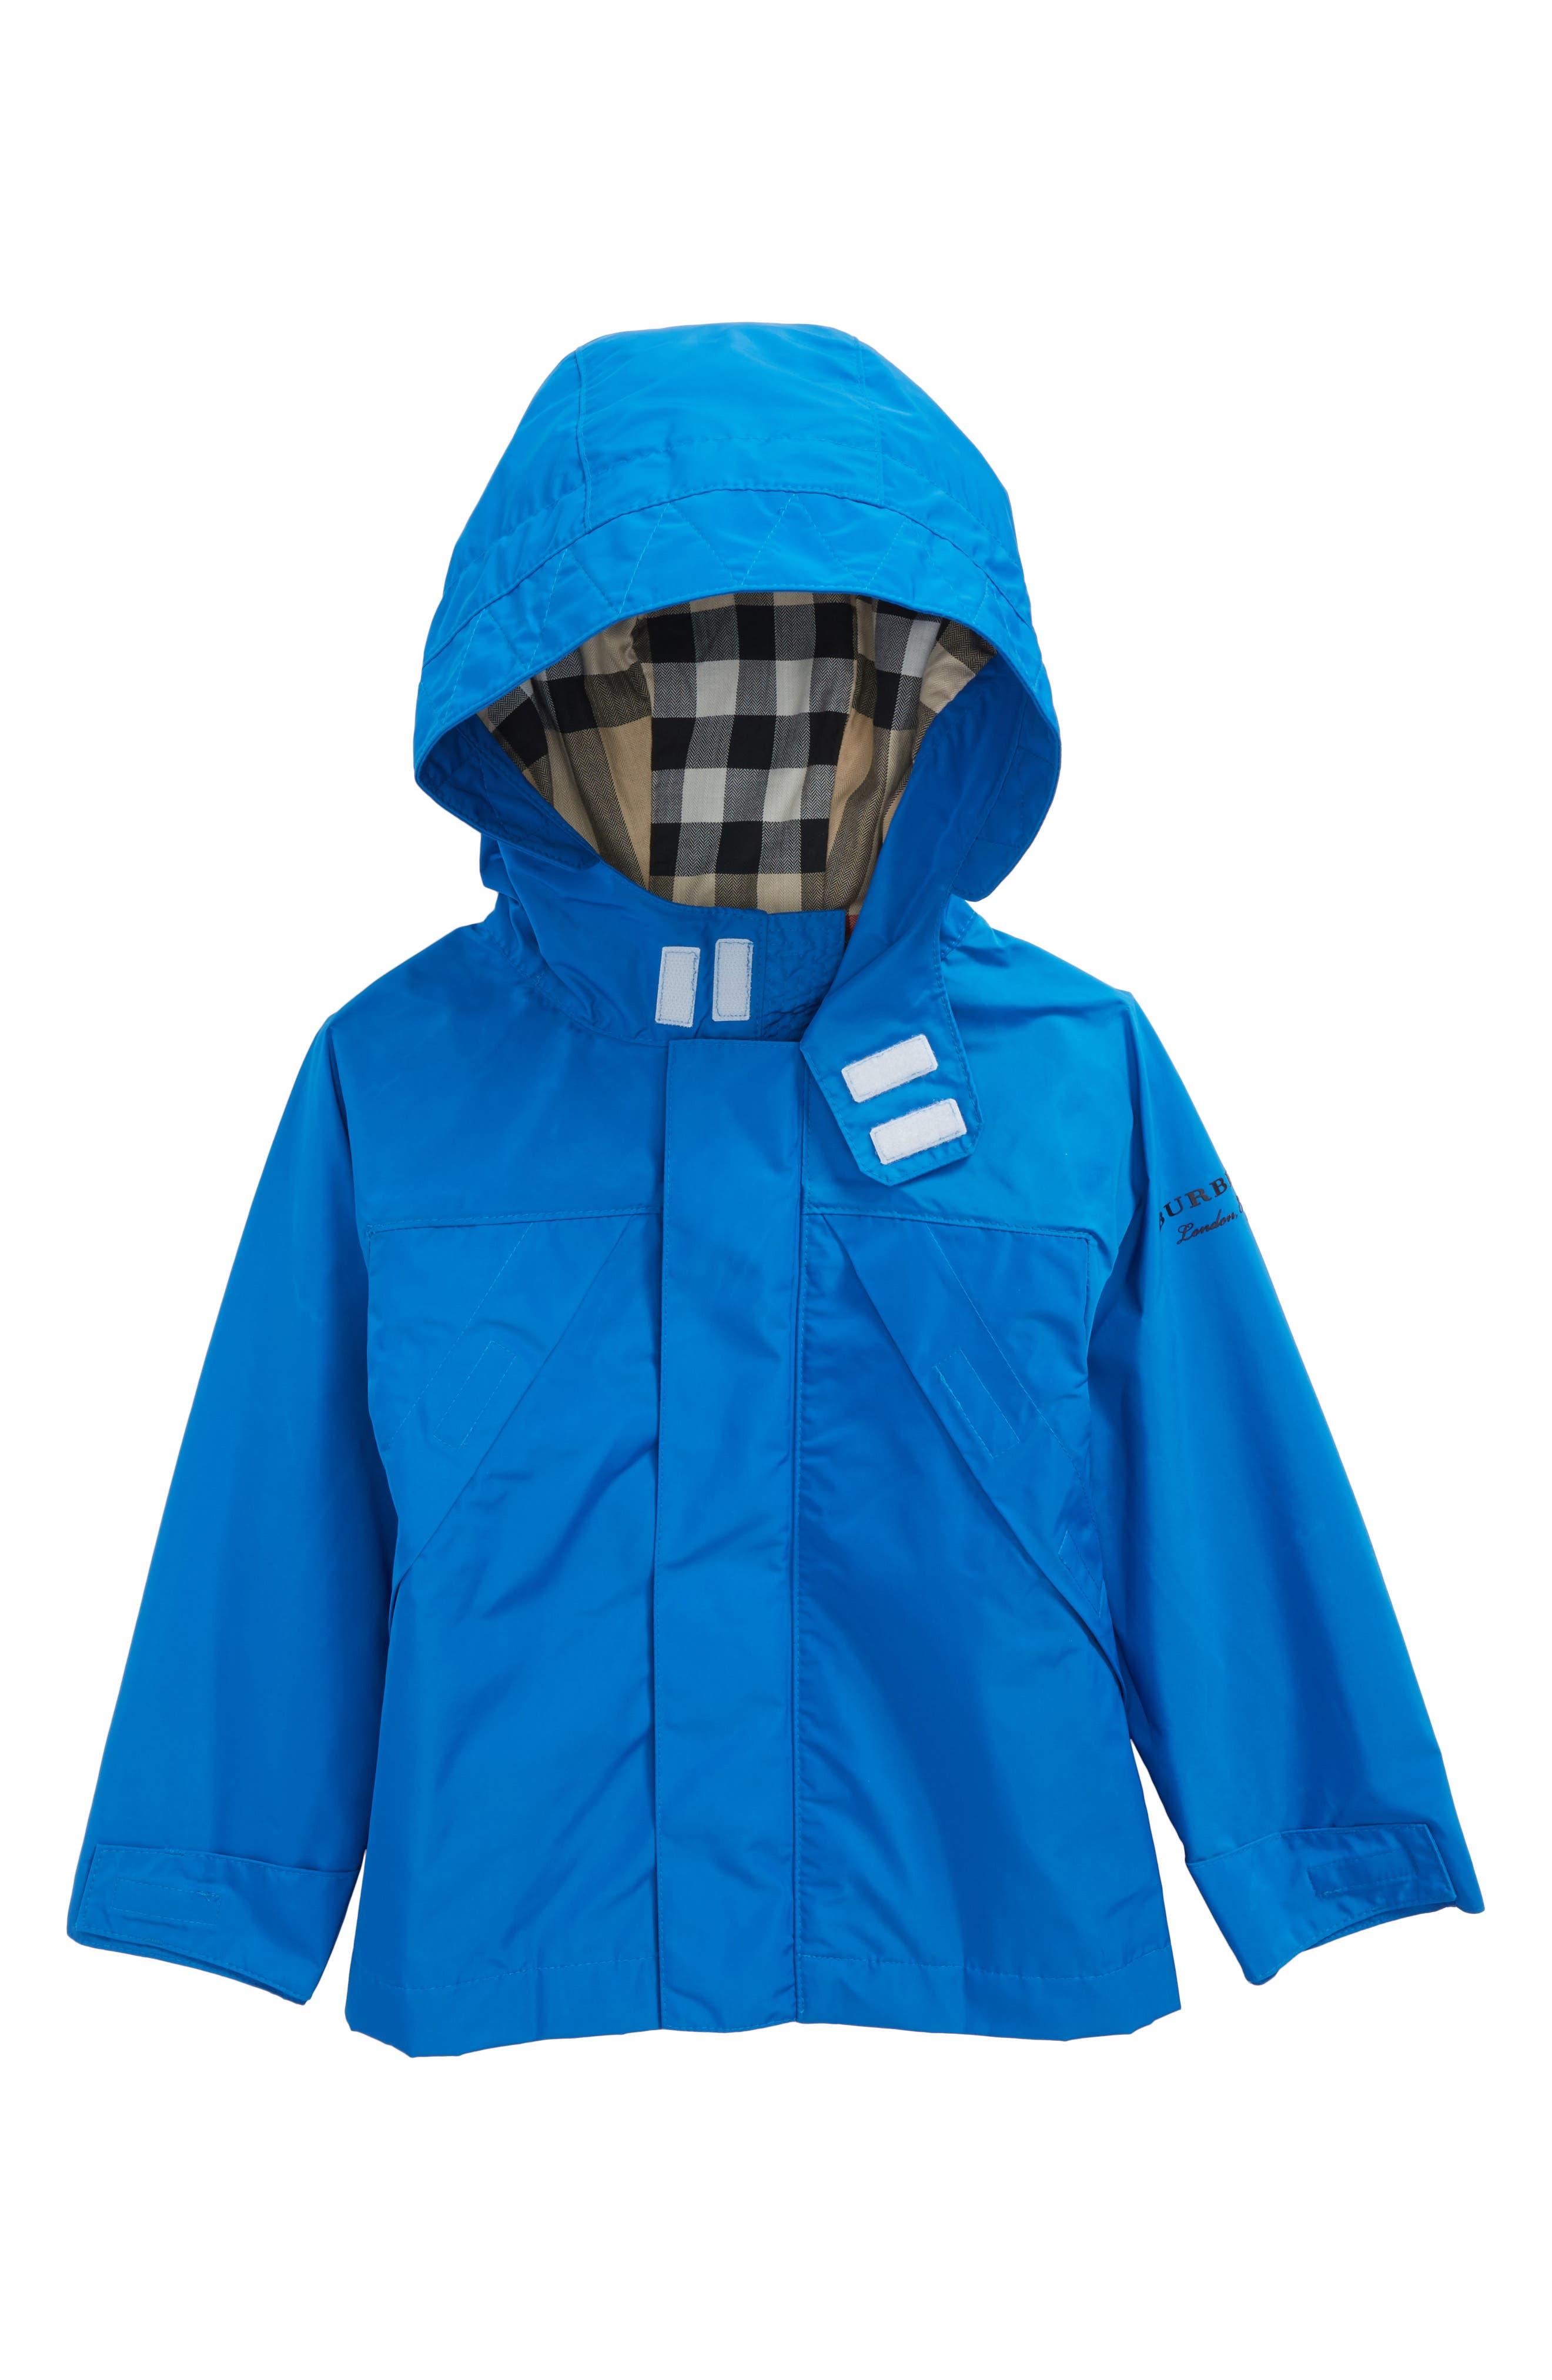 Yeoman Hooded Taffeta Windbreaker Jacket,                             Main thumbnail 1, color,                             Azure Blue